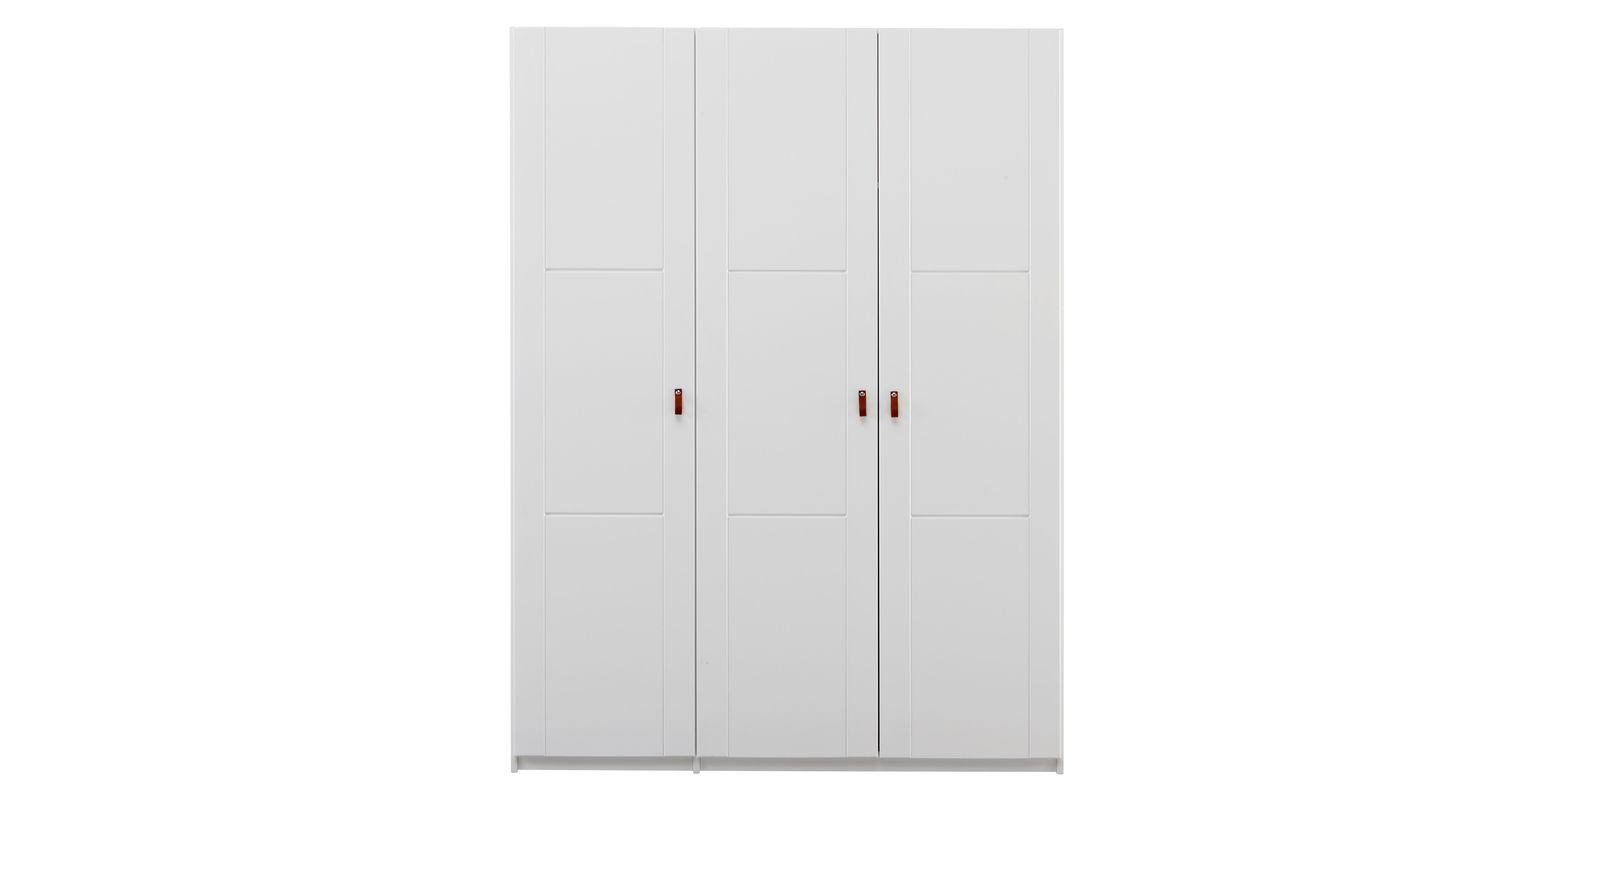 Weißer Kinder-Kleiderschrank von LIFETIME mit 3 Türen